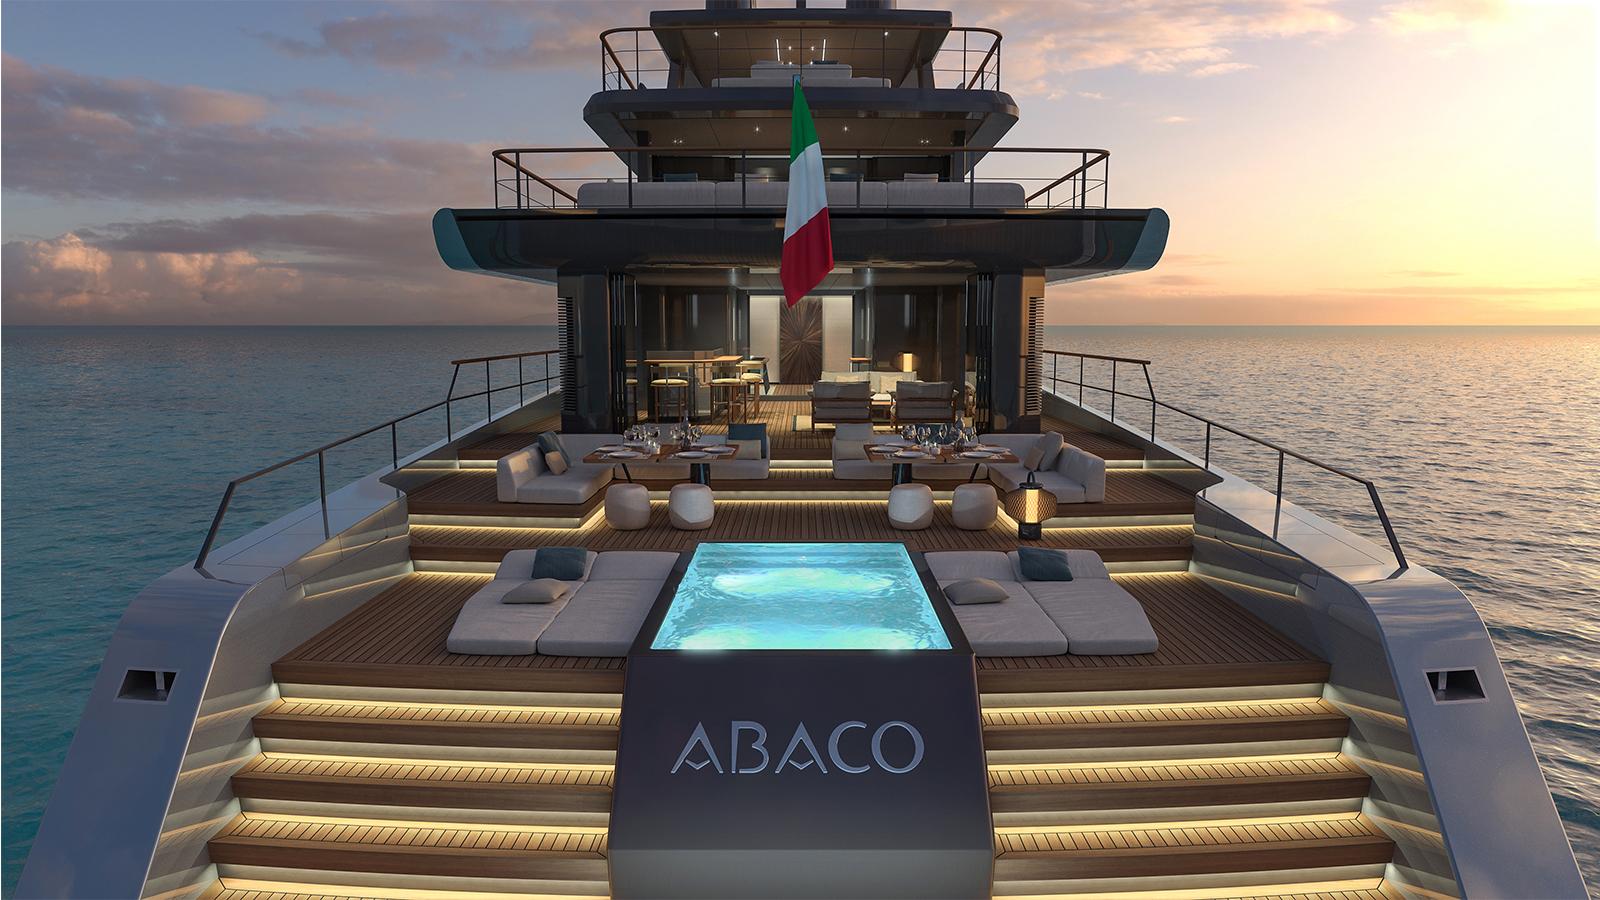 Abaco presentato a Fort Lauderdale una foto del nuovo yacht